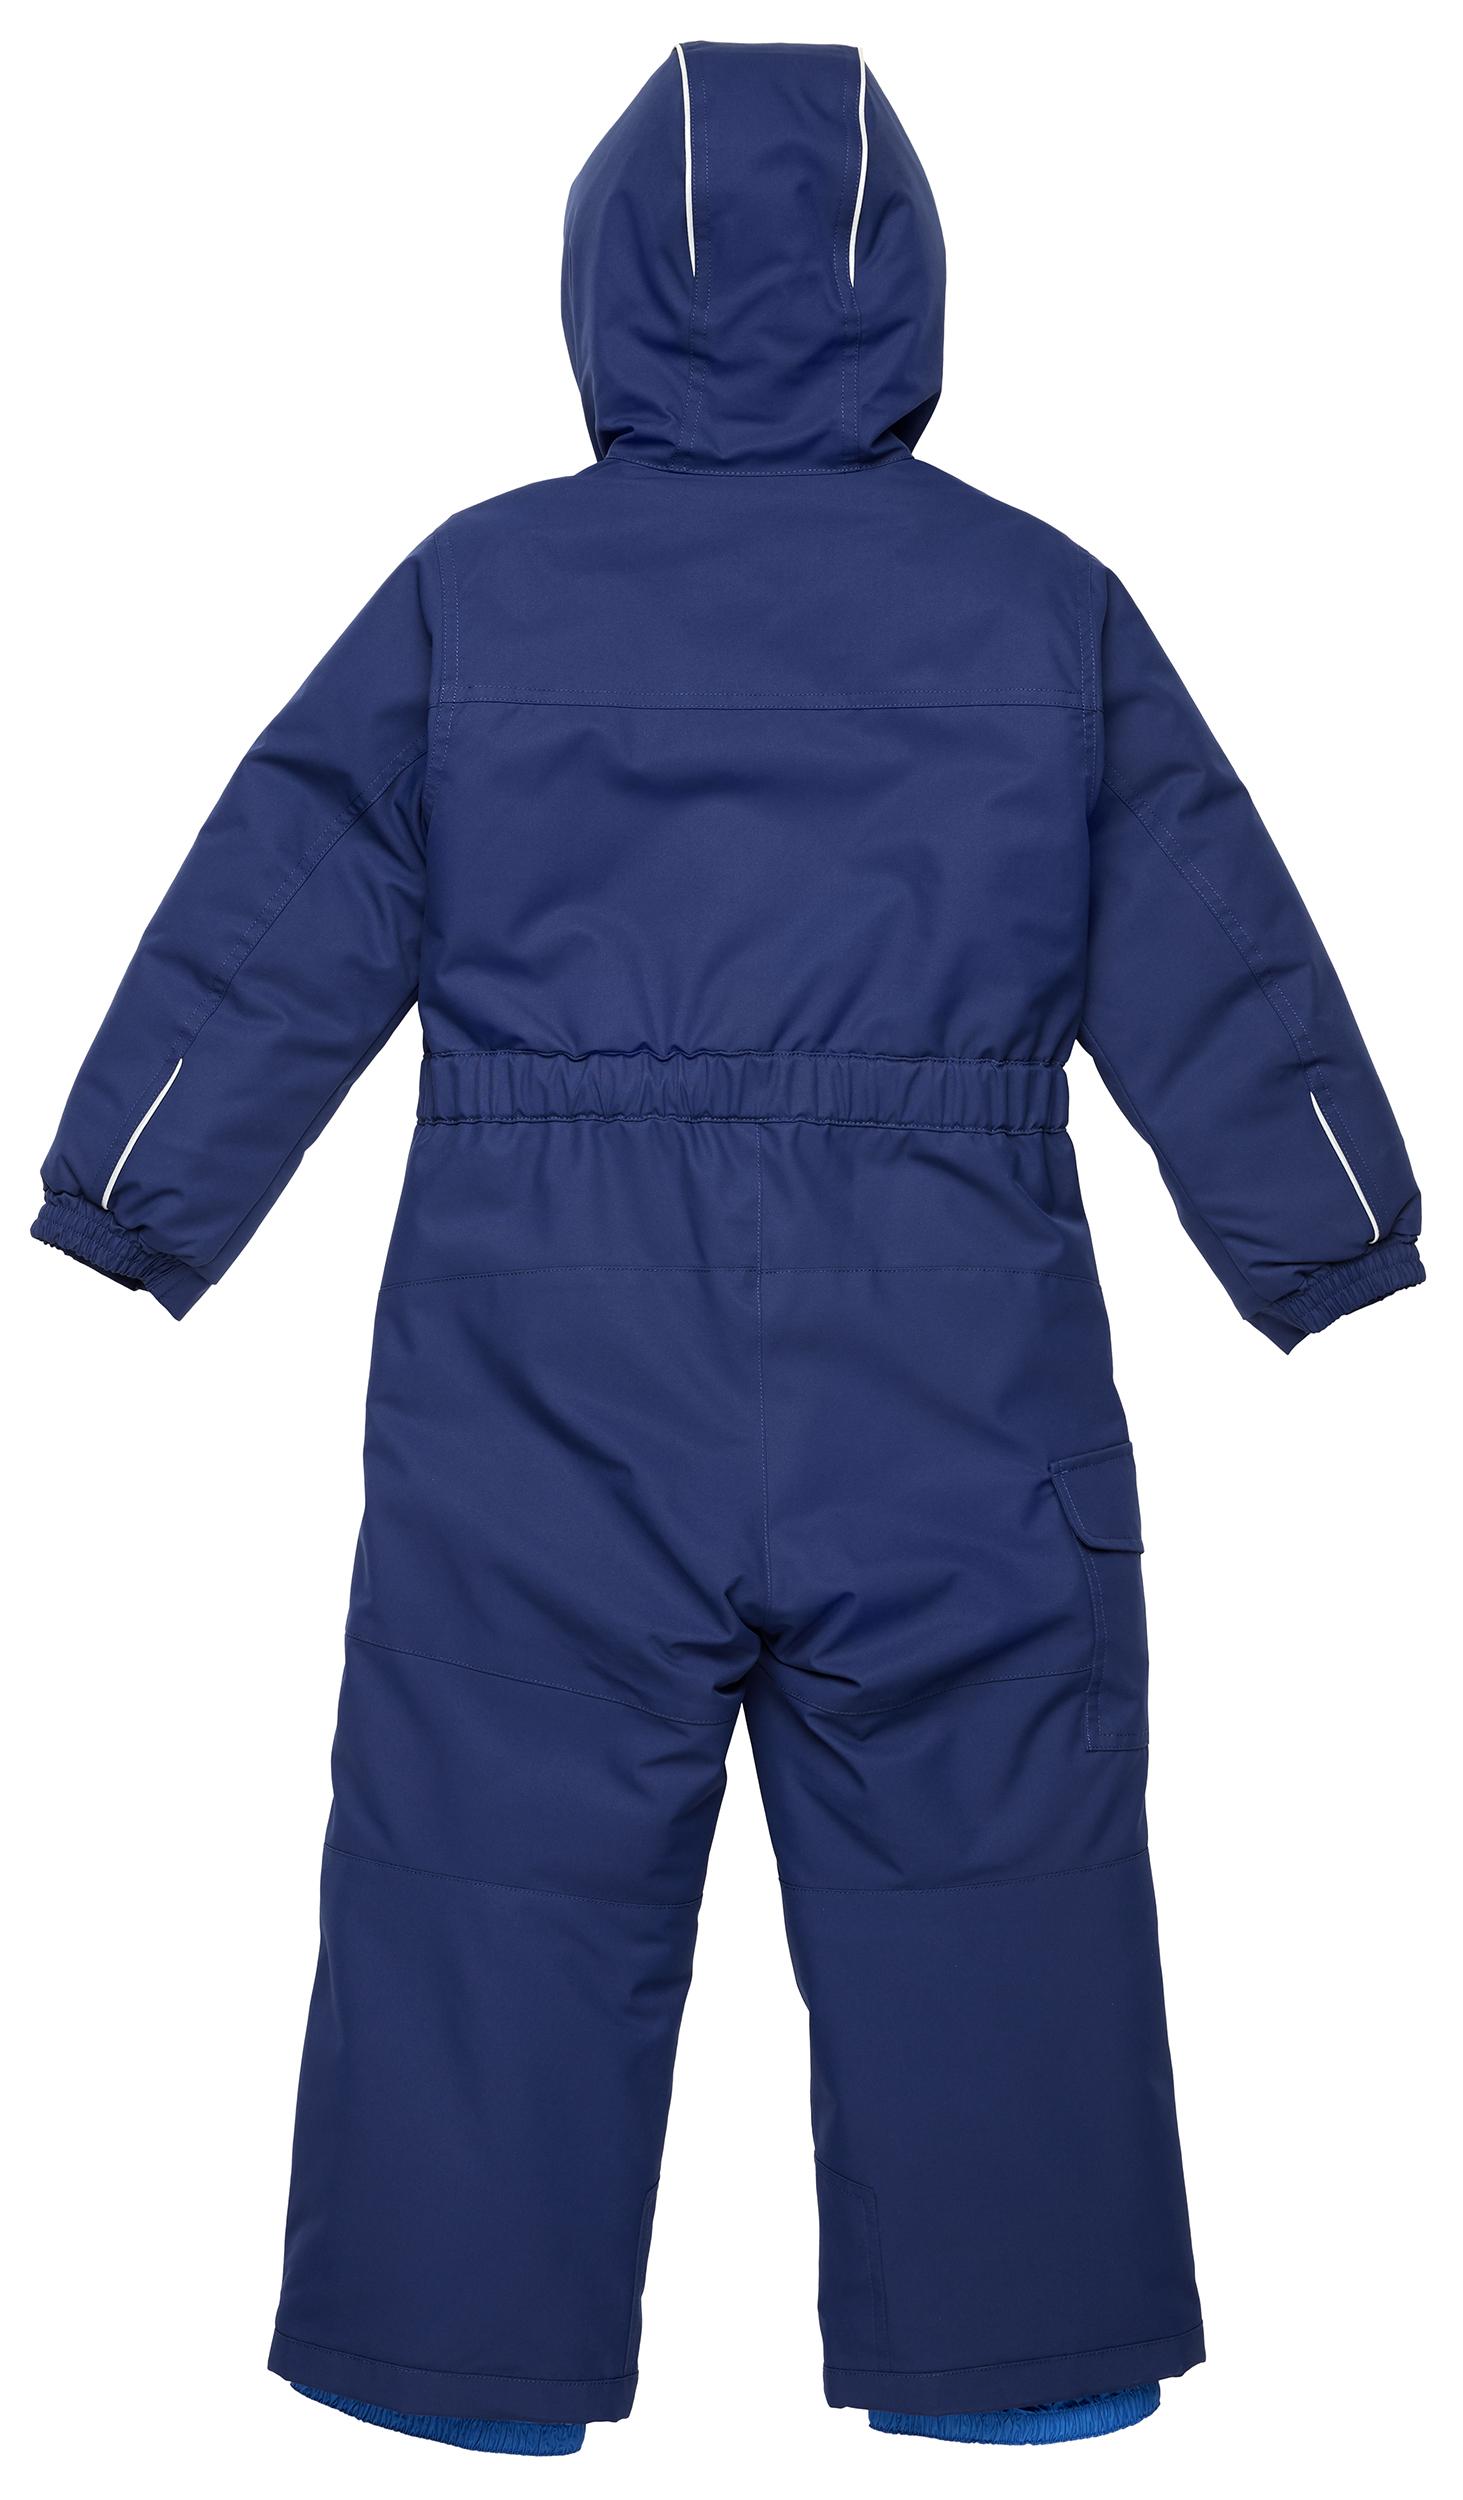 c44f49d1c693 MEC Toaster Suit - Children